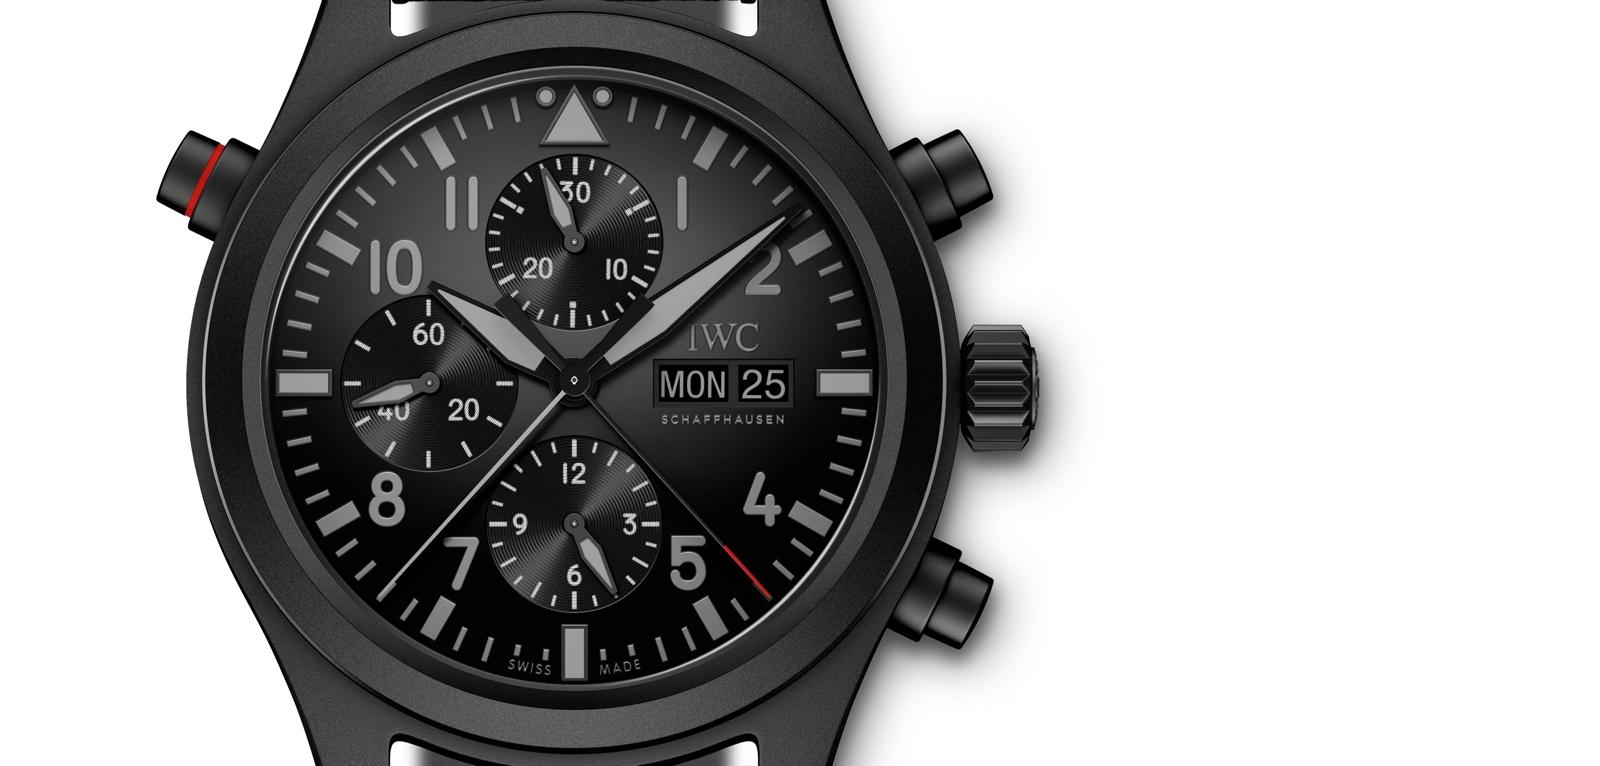 preSIHH 2019. IWC Reloj de Aviador Doble Cronógrafo Top Gun Ceratanium.